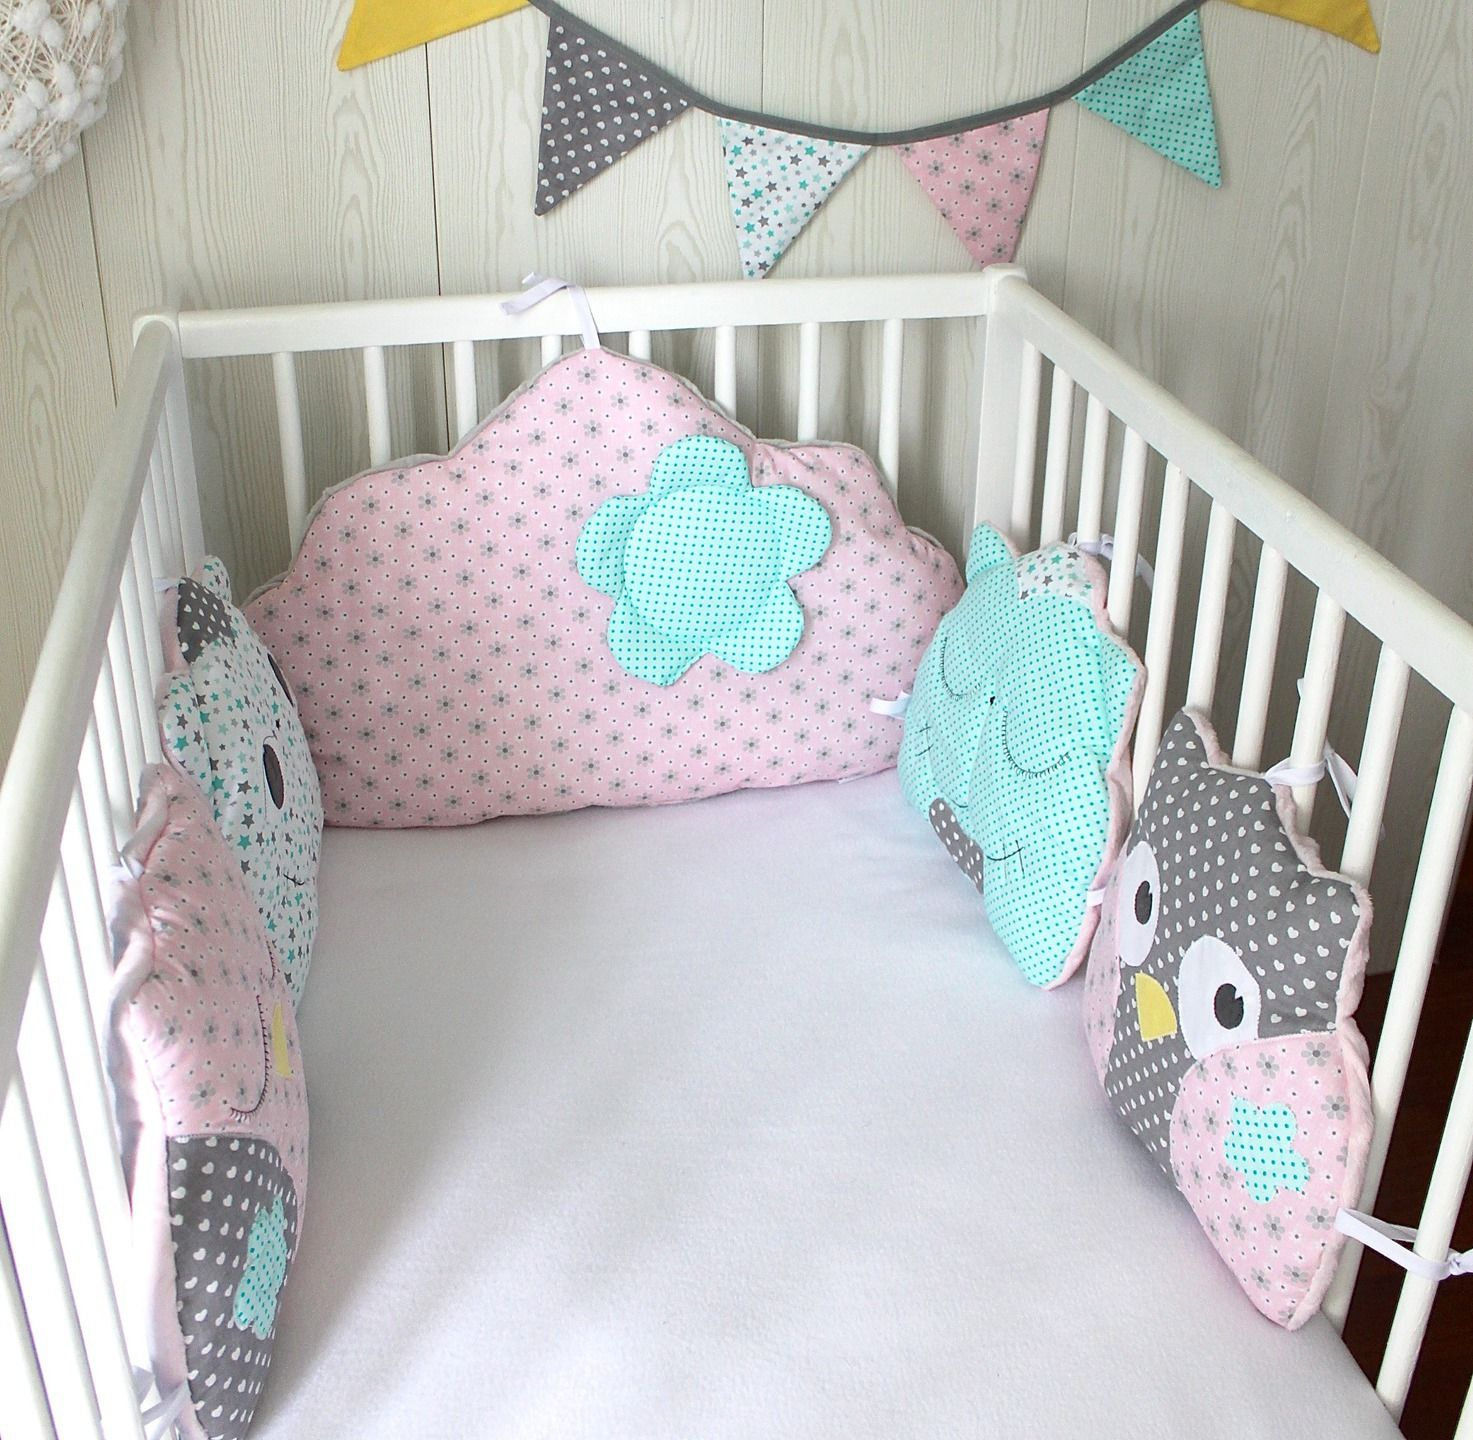 tour de lit 5 coussins chat et hibou ou chouette et nuage couleur au choix baby pinterest. Black Bedroom Furniture Sets. Home Design Ideas